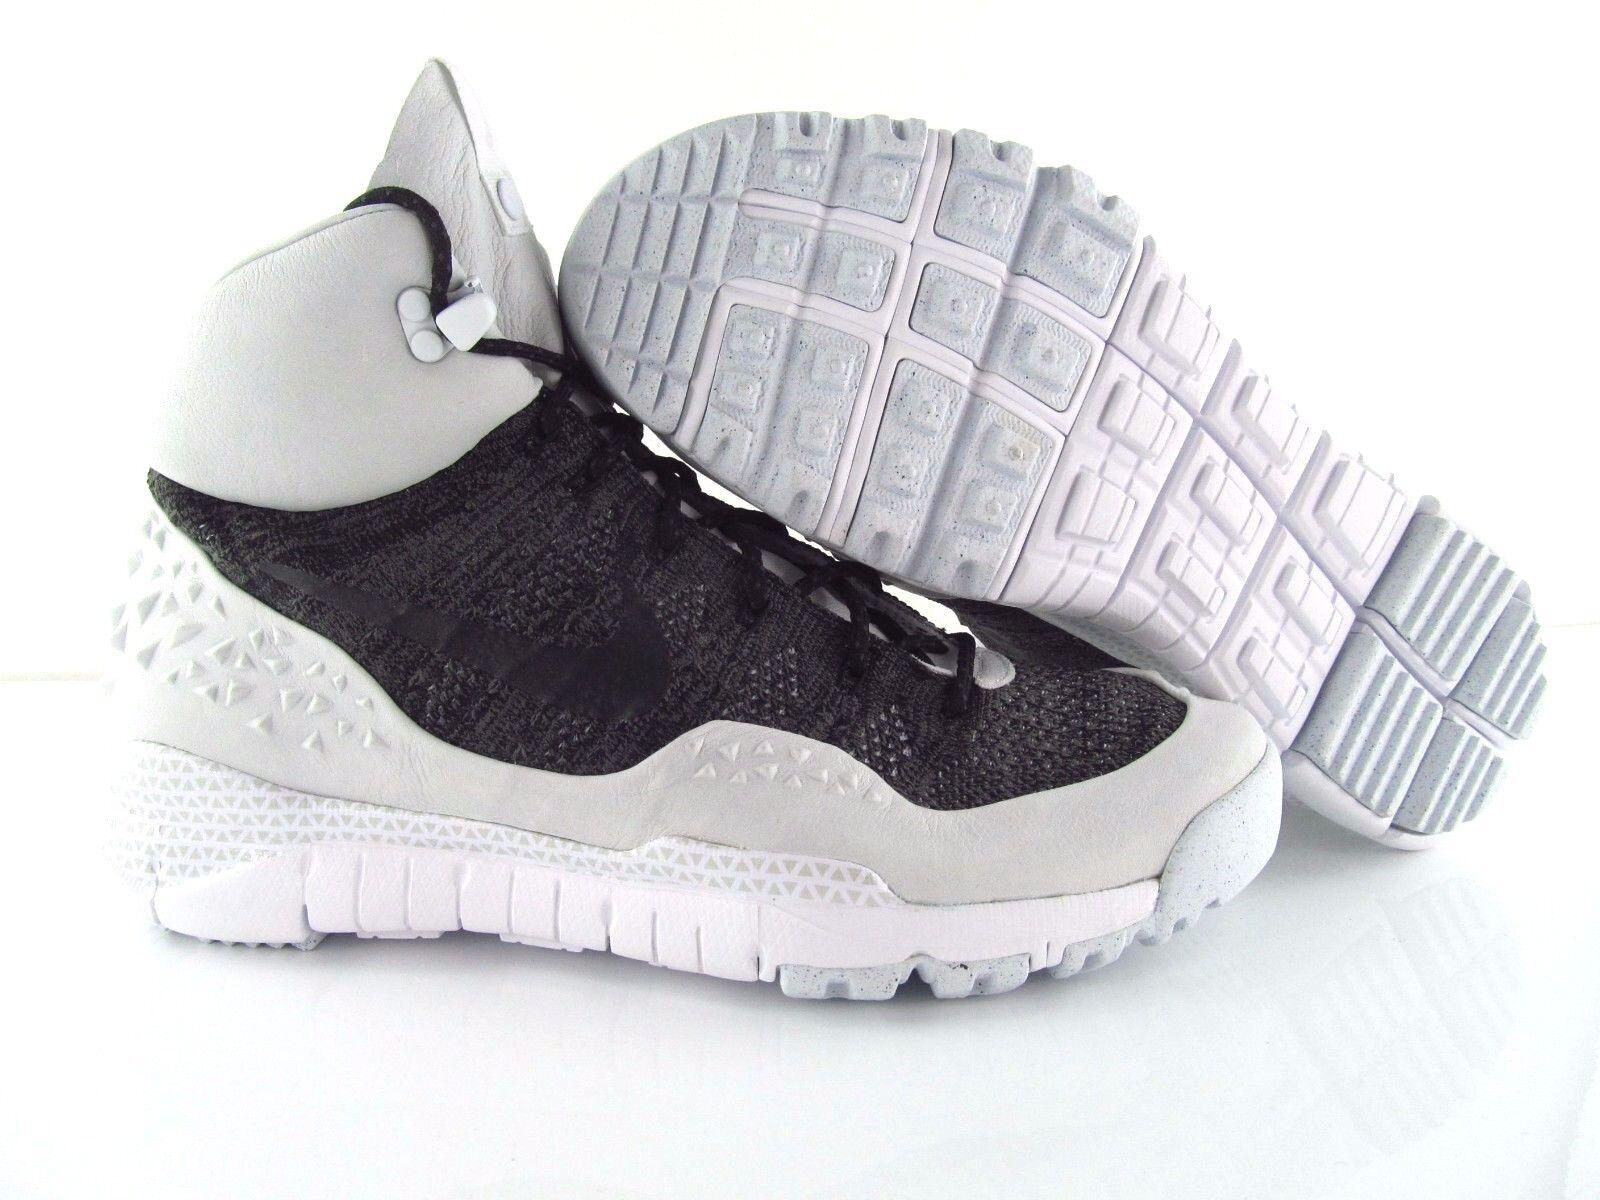 Nike Lupinek Flyknit ACG Noir blanc NIKELAB Winter UK_9 US_10 Eur 44